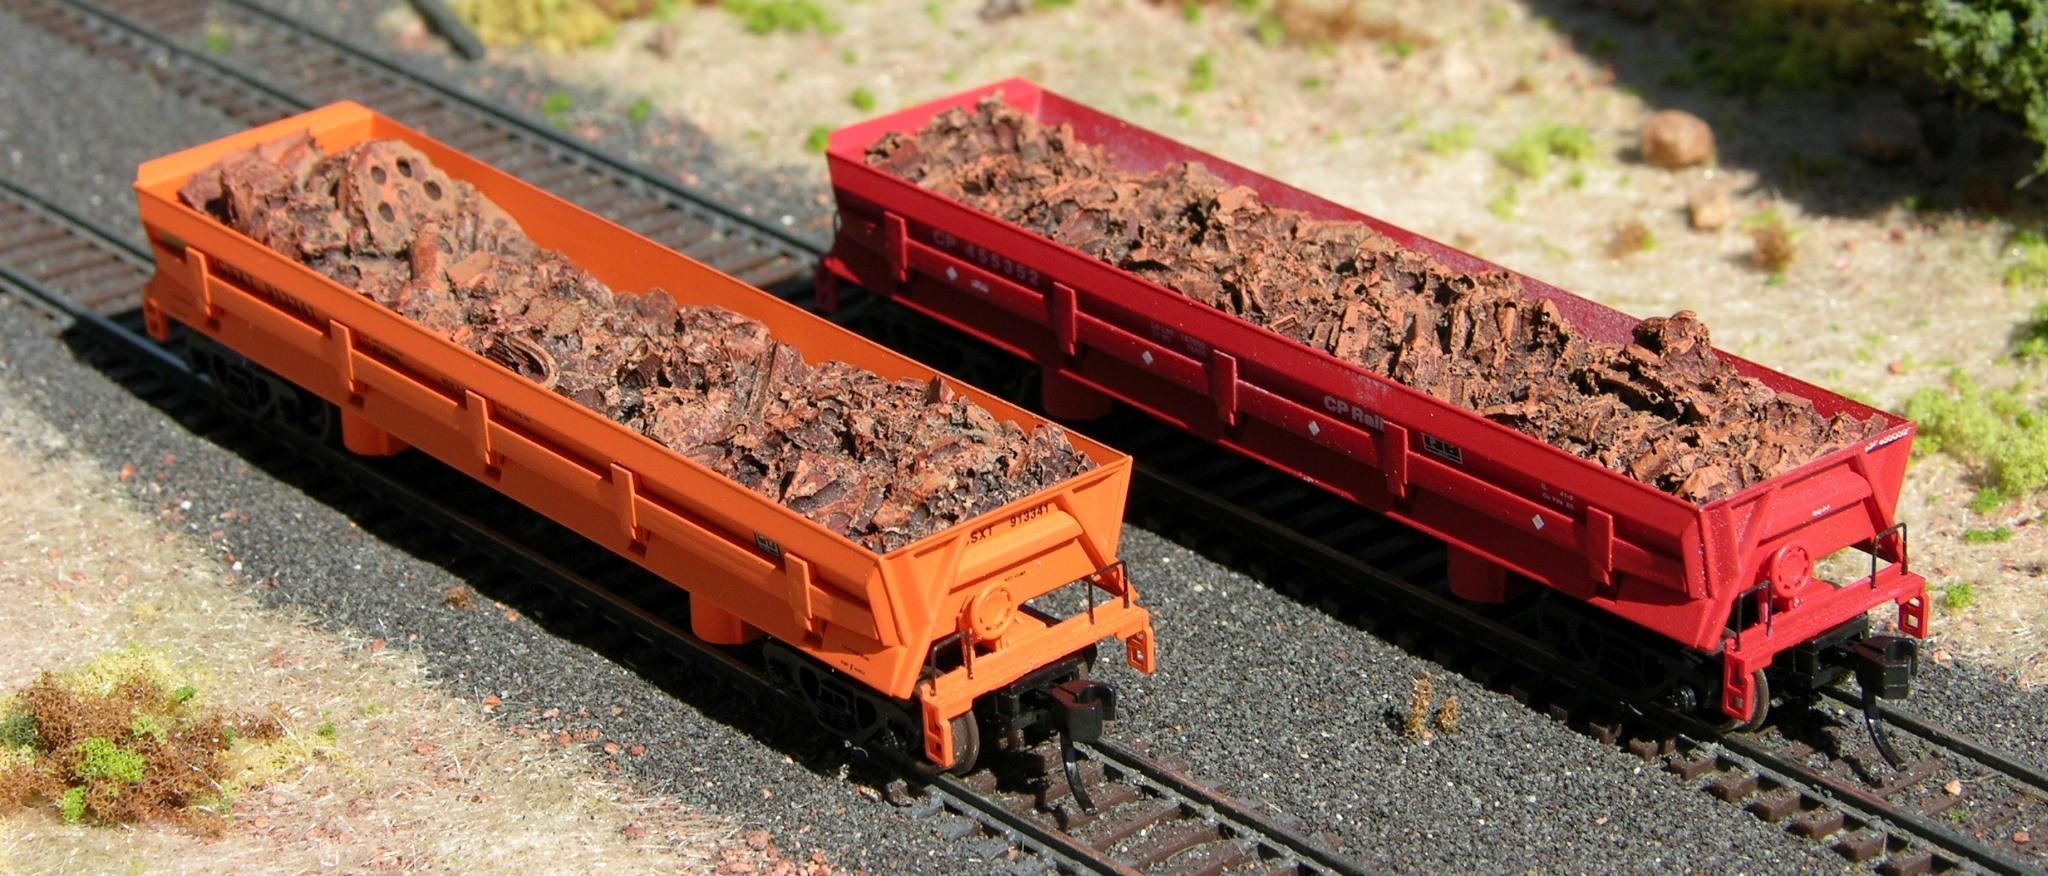 N Scale - Hay Bros - 4503-12 - Load - Painted/Unlettered - SCRAP METAL LOAD